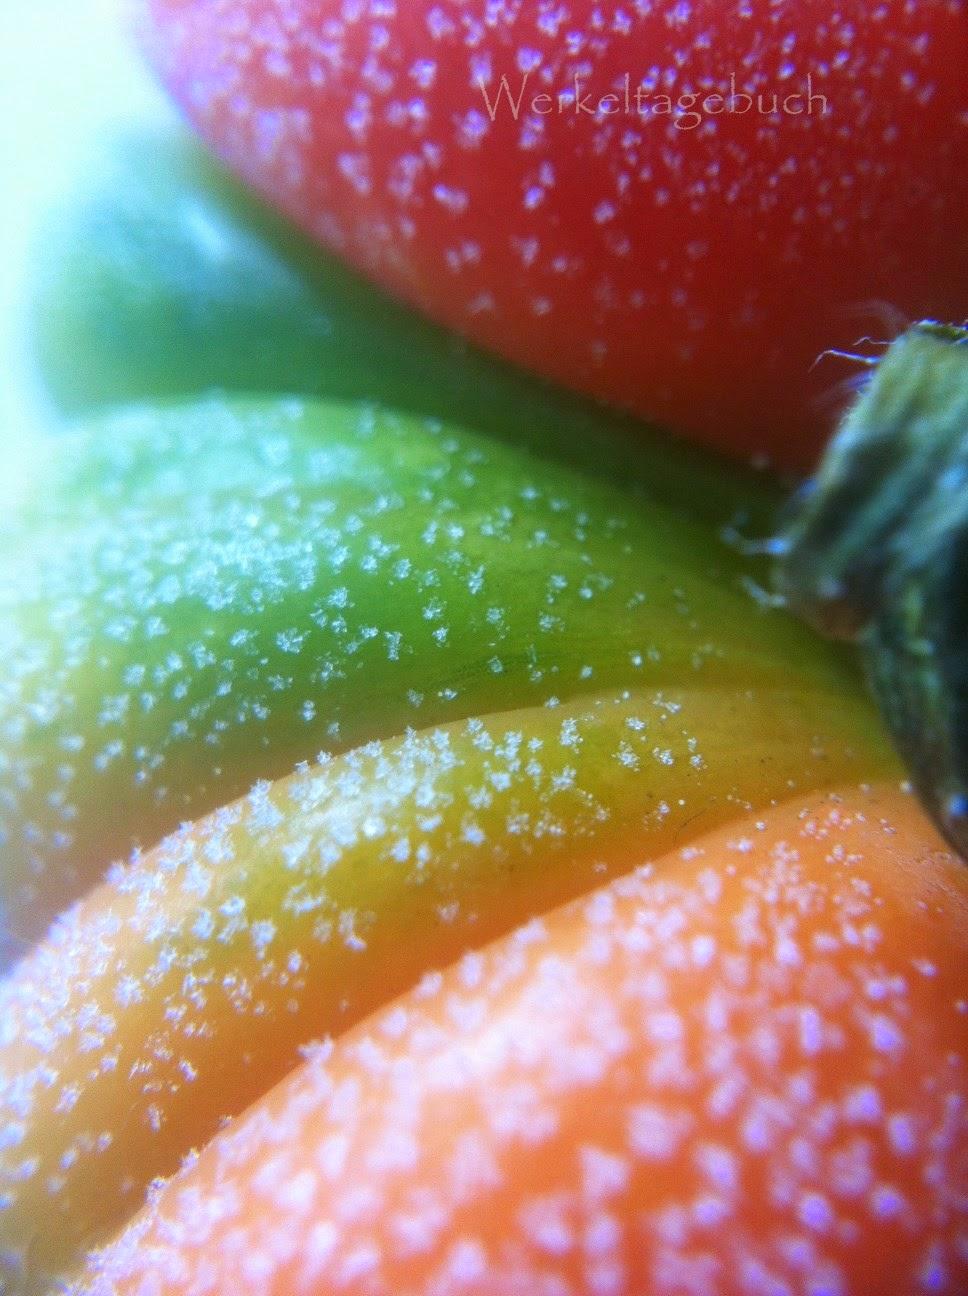 Macrophotography Tomato